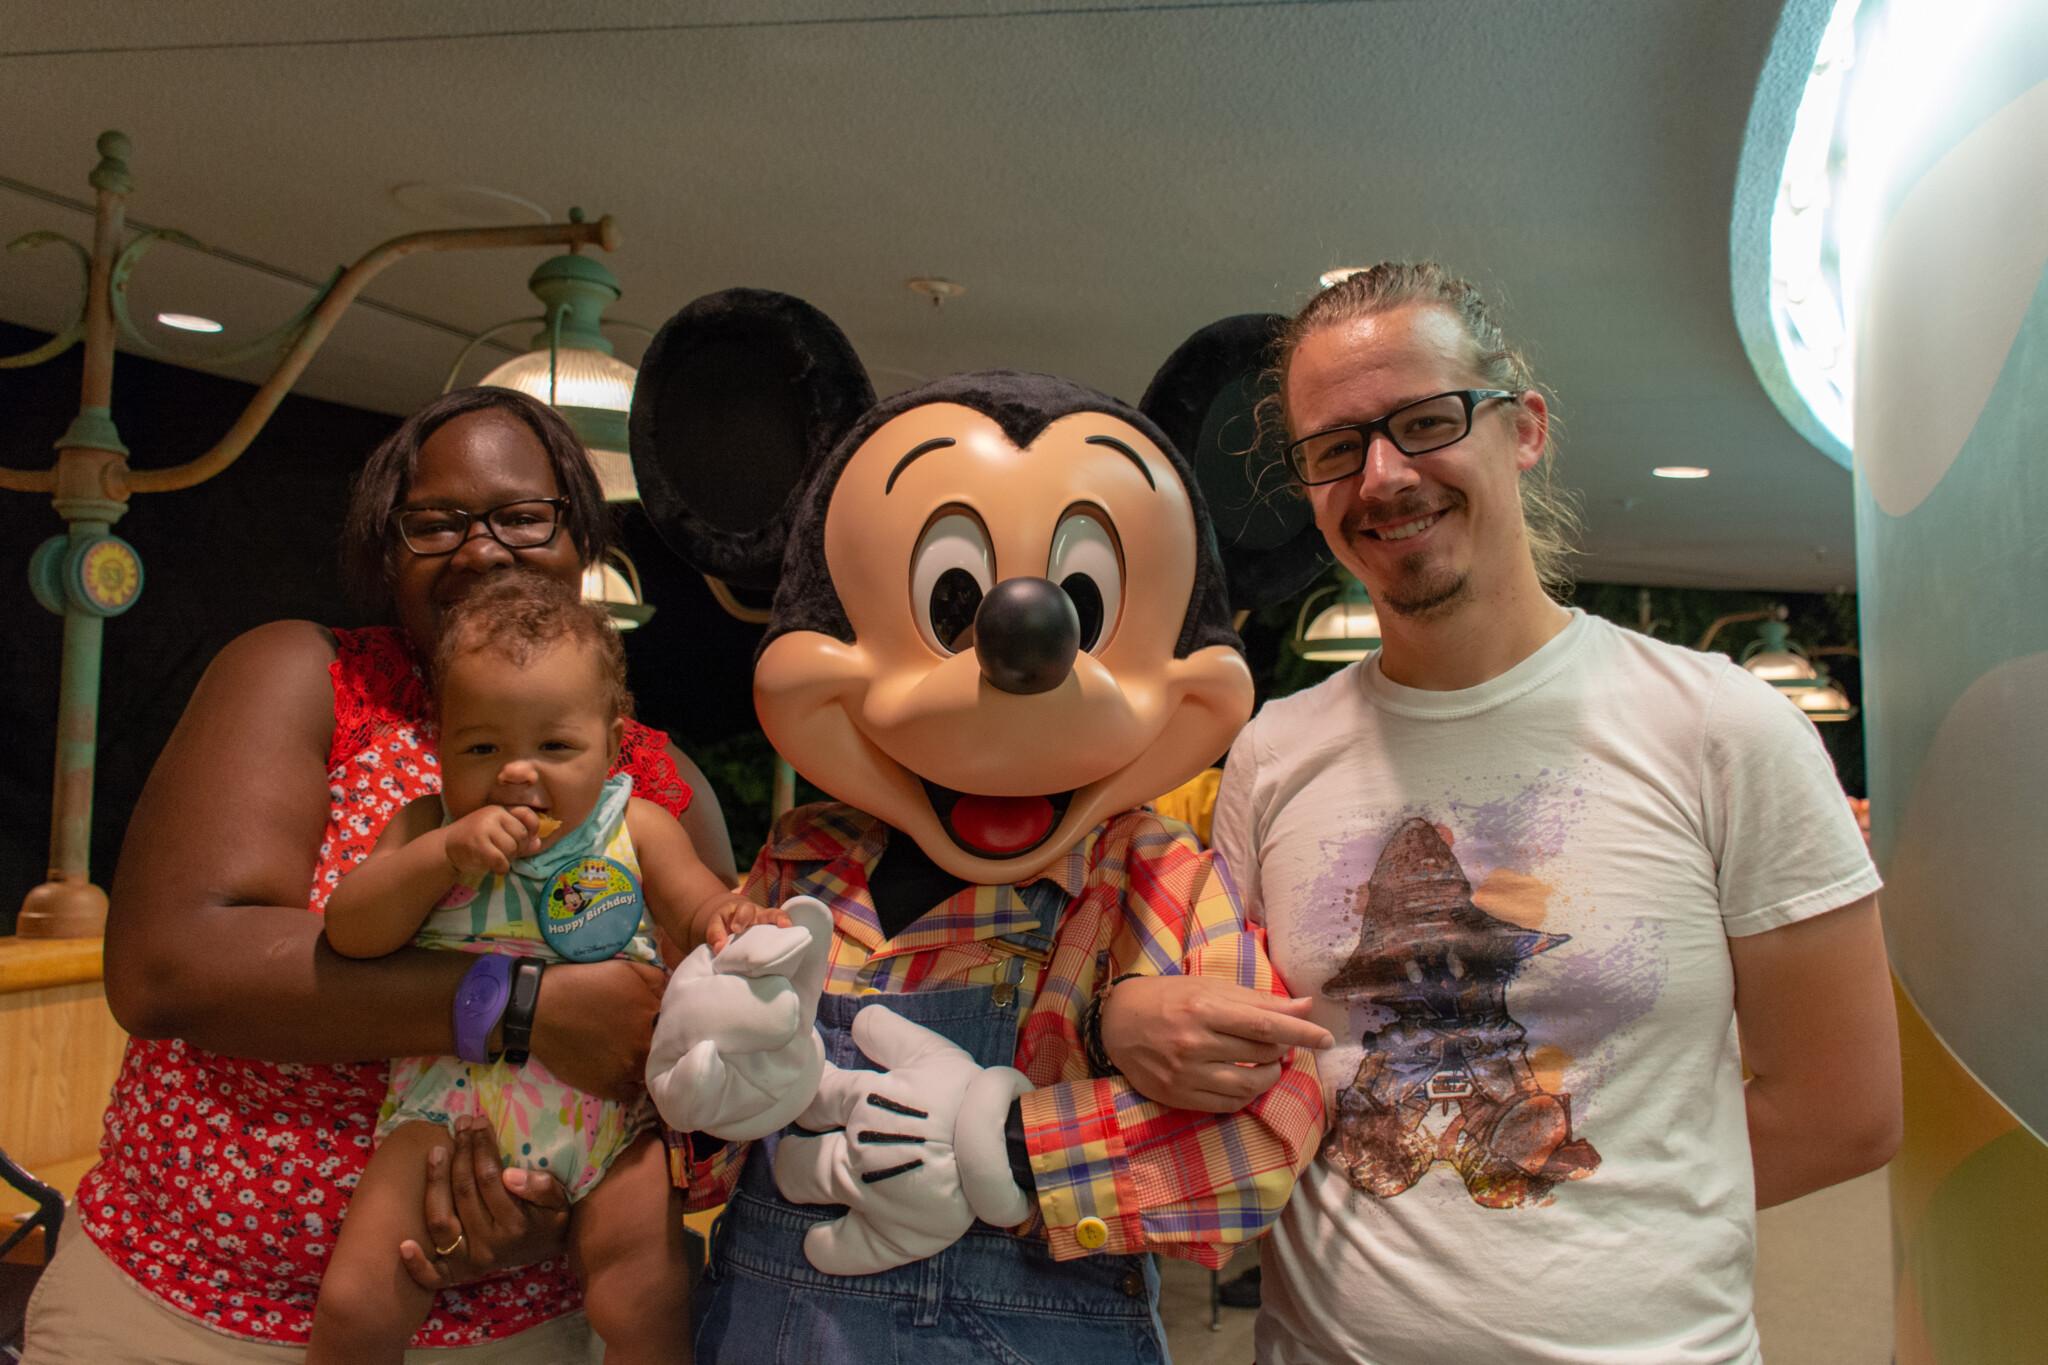 2 semaines en Floride avec un bébé de 1 an - Séjour du 2 au 16 mai 2019 DCL + WDW - Page 18 DSC_8762-2048x1365